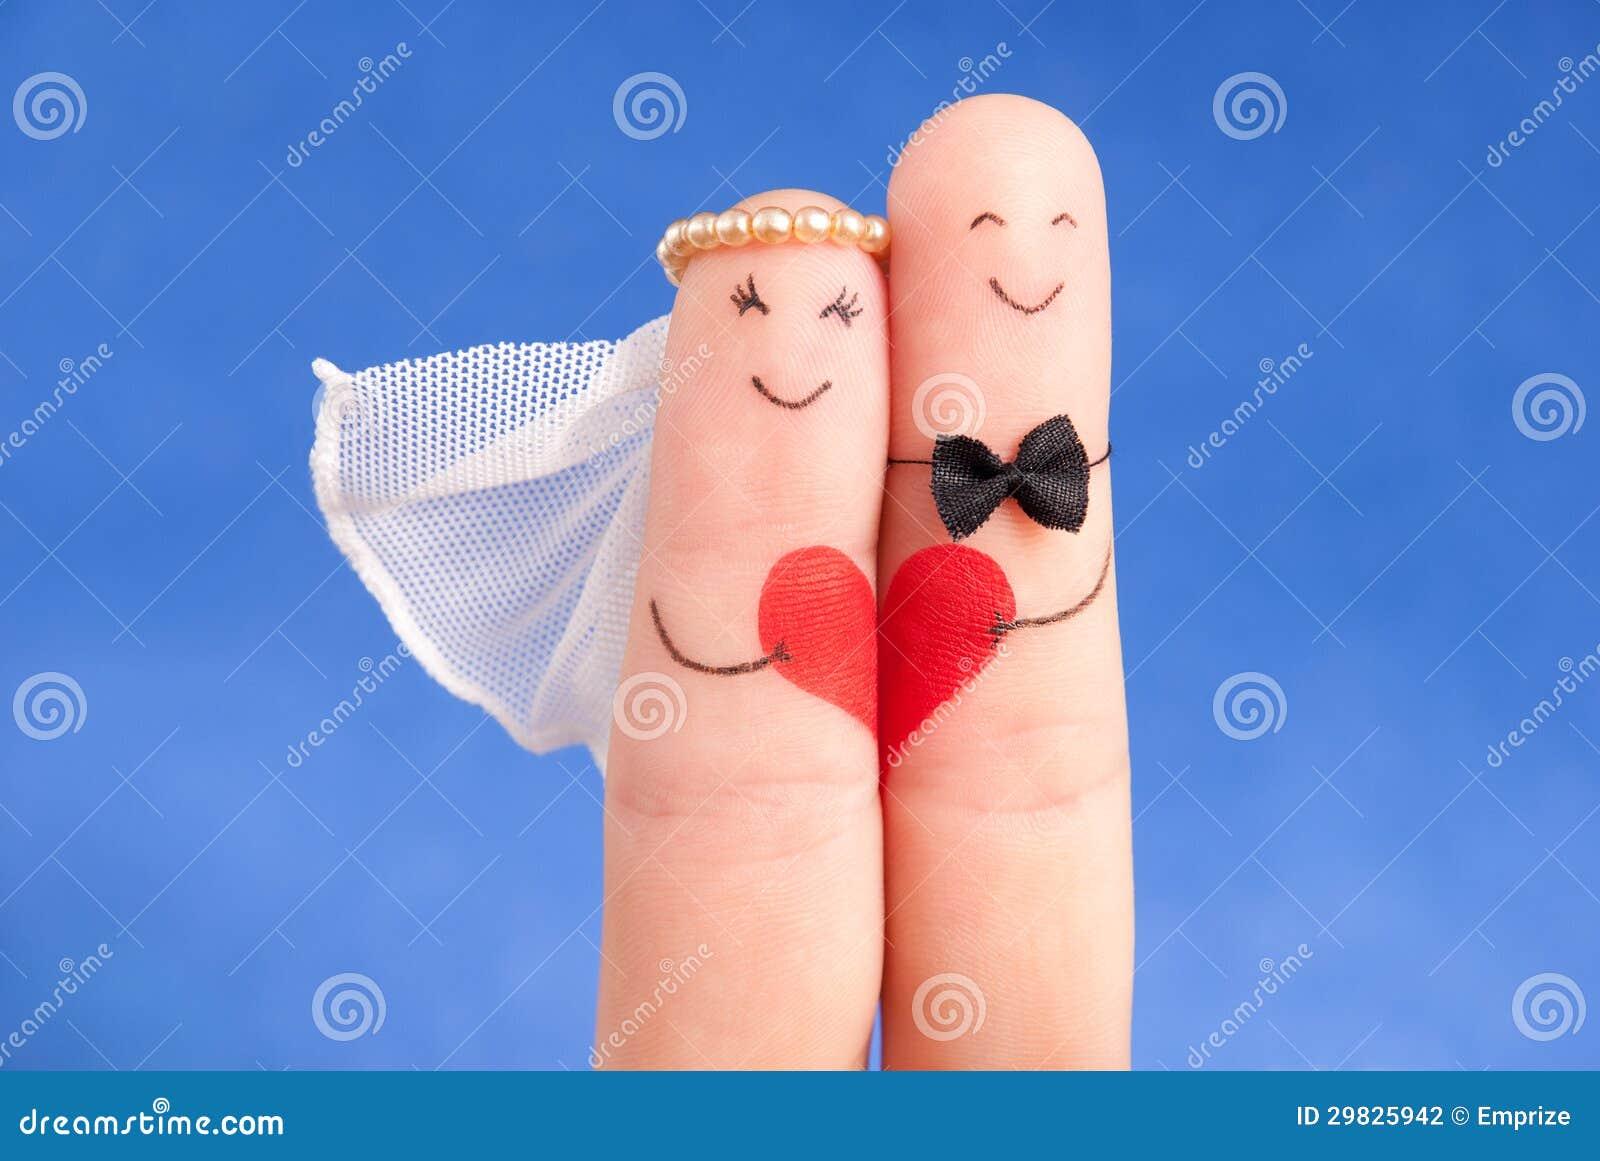 Conceito do casamento - newlyweds pintados nos dedos contra o céu azul